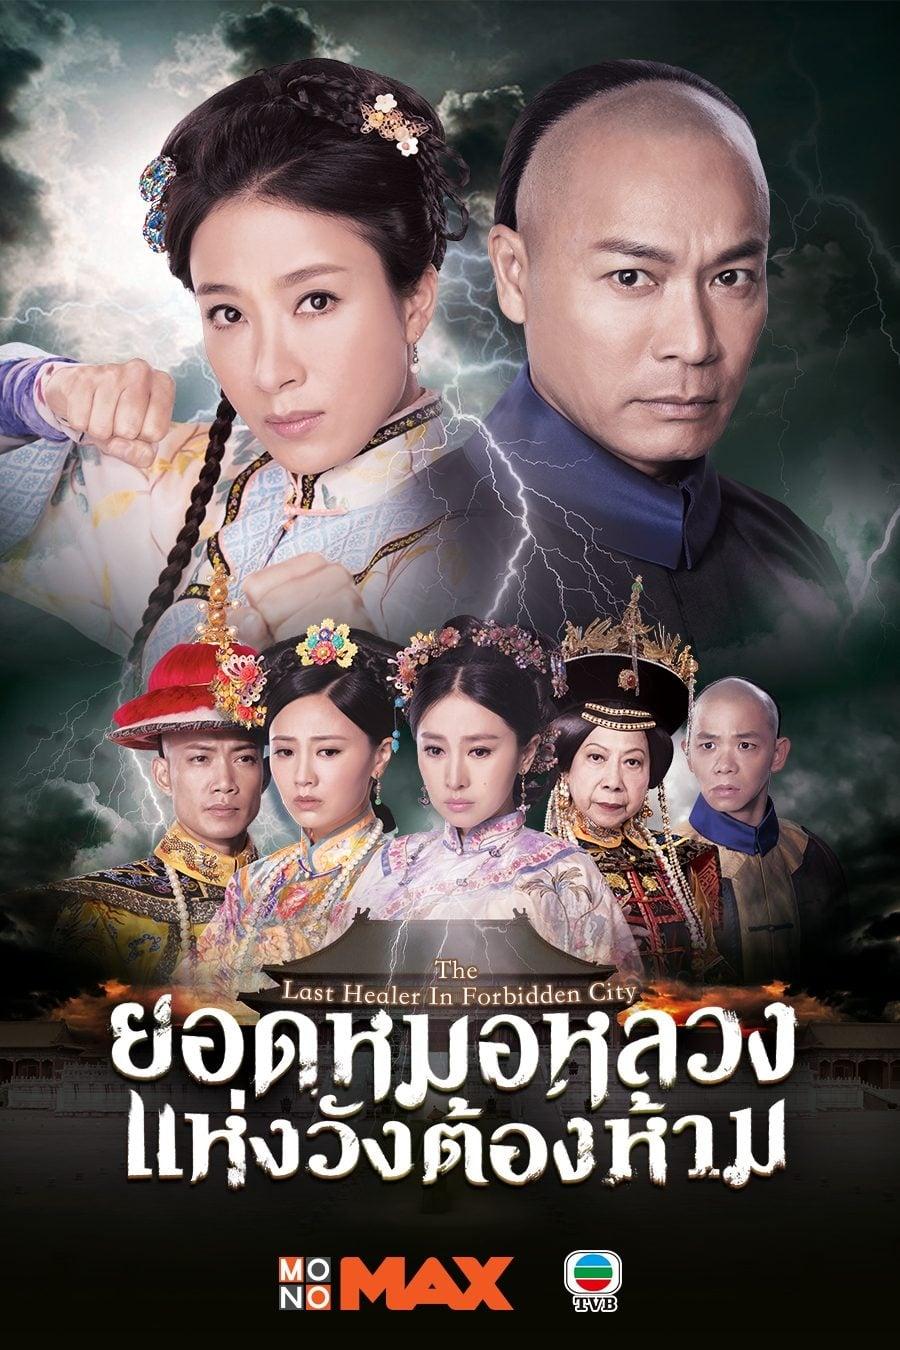 The Last Healer in Forbidden City (2016)